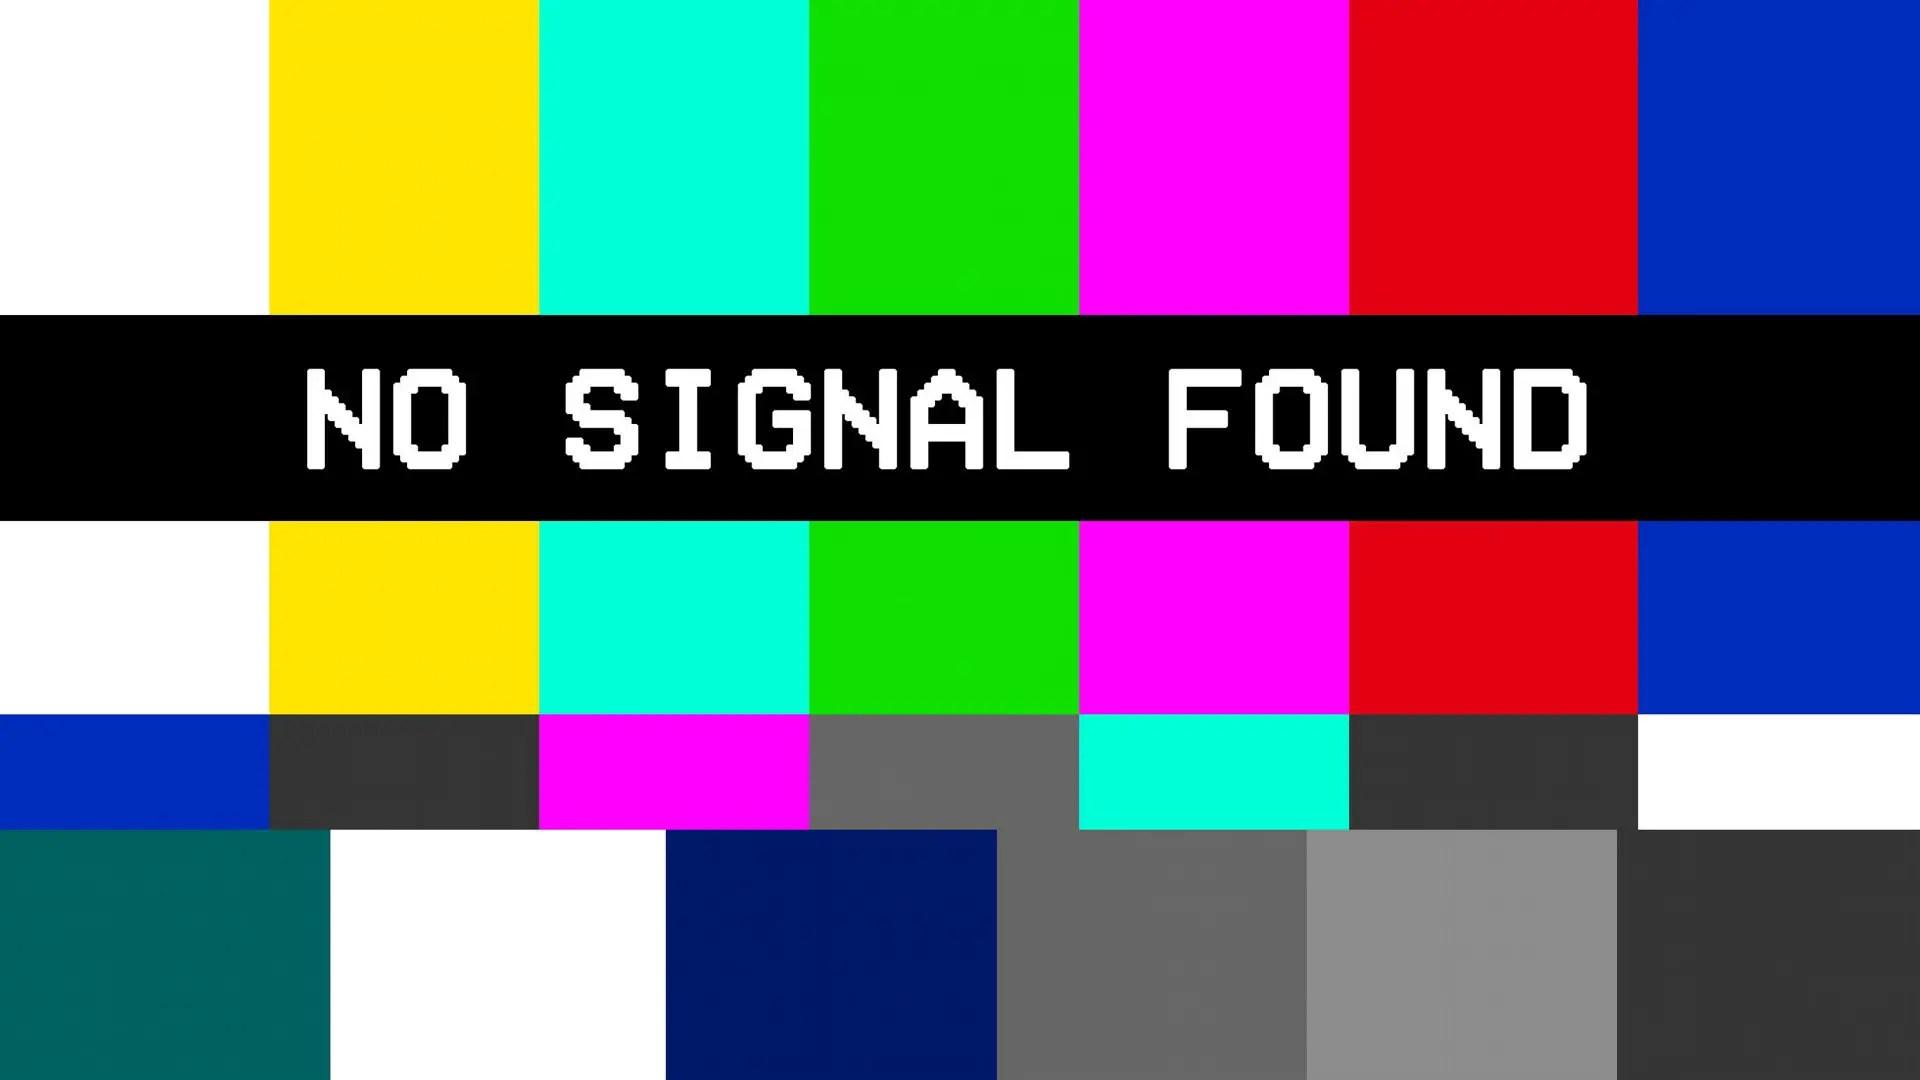 حل مشكلة انقطاع الاشارة عن الرسيفر No Signal بكل سهولة Fixaha